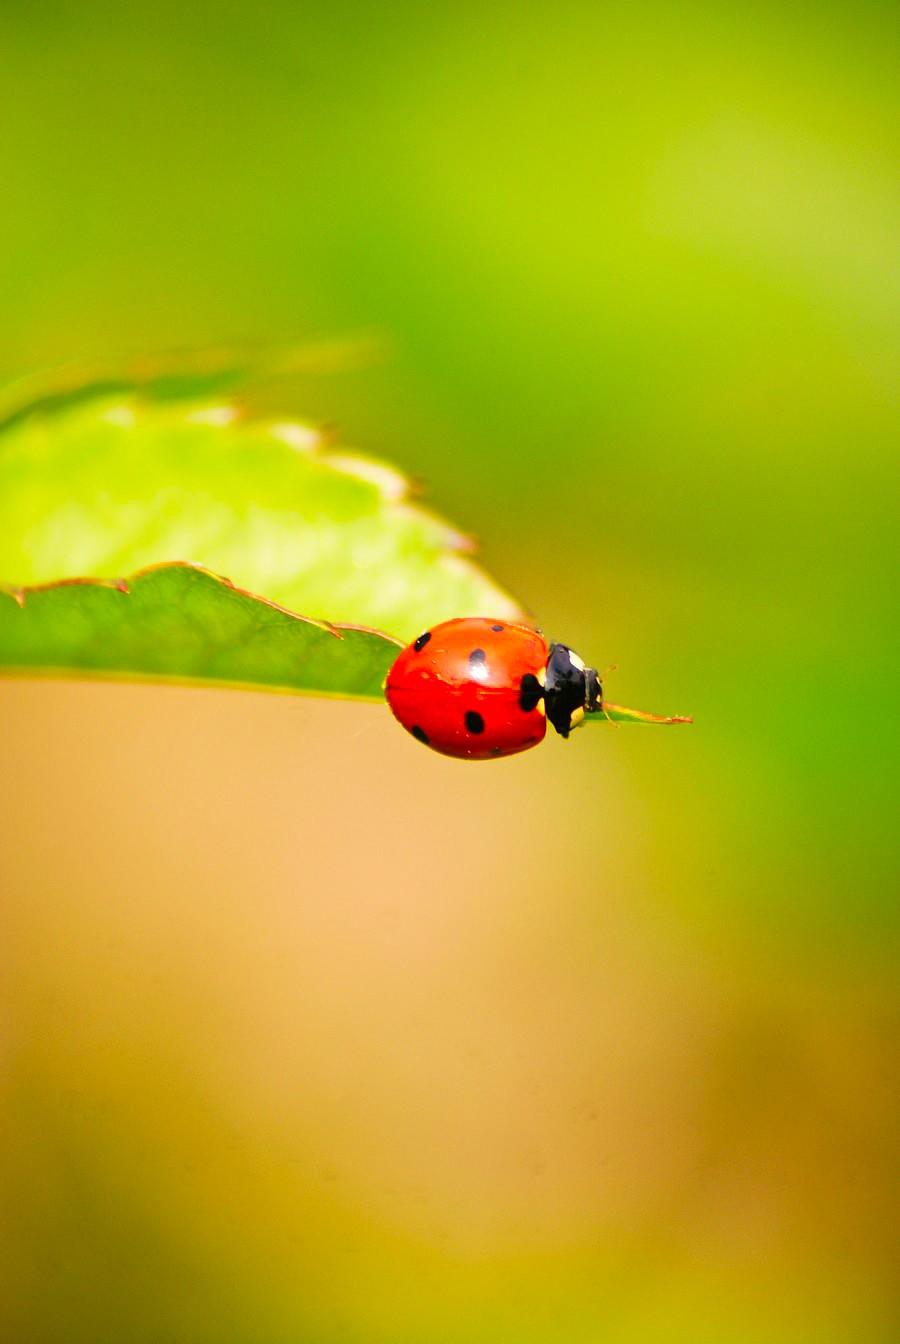 Ladybug by iMalenka